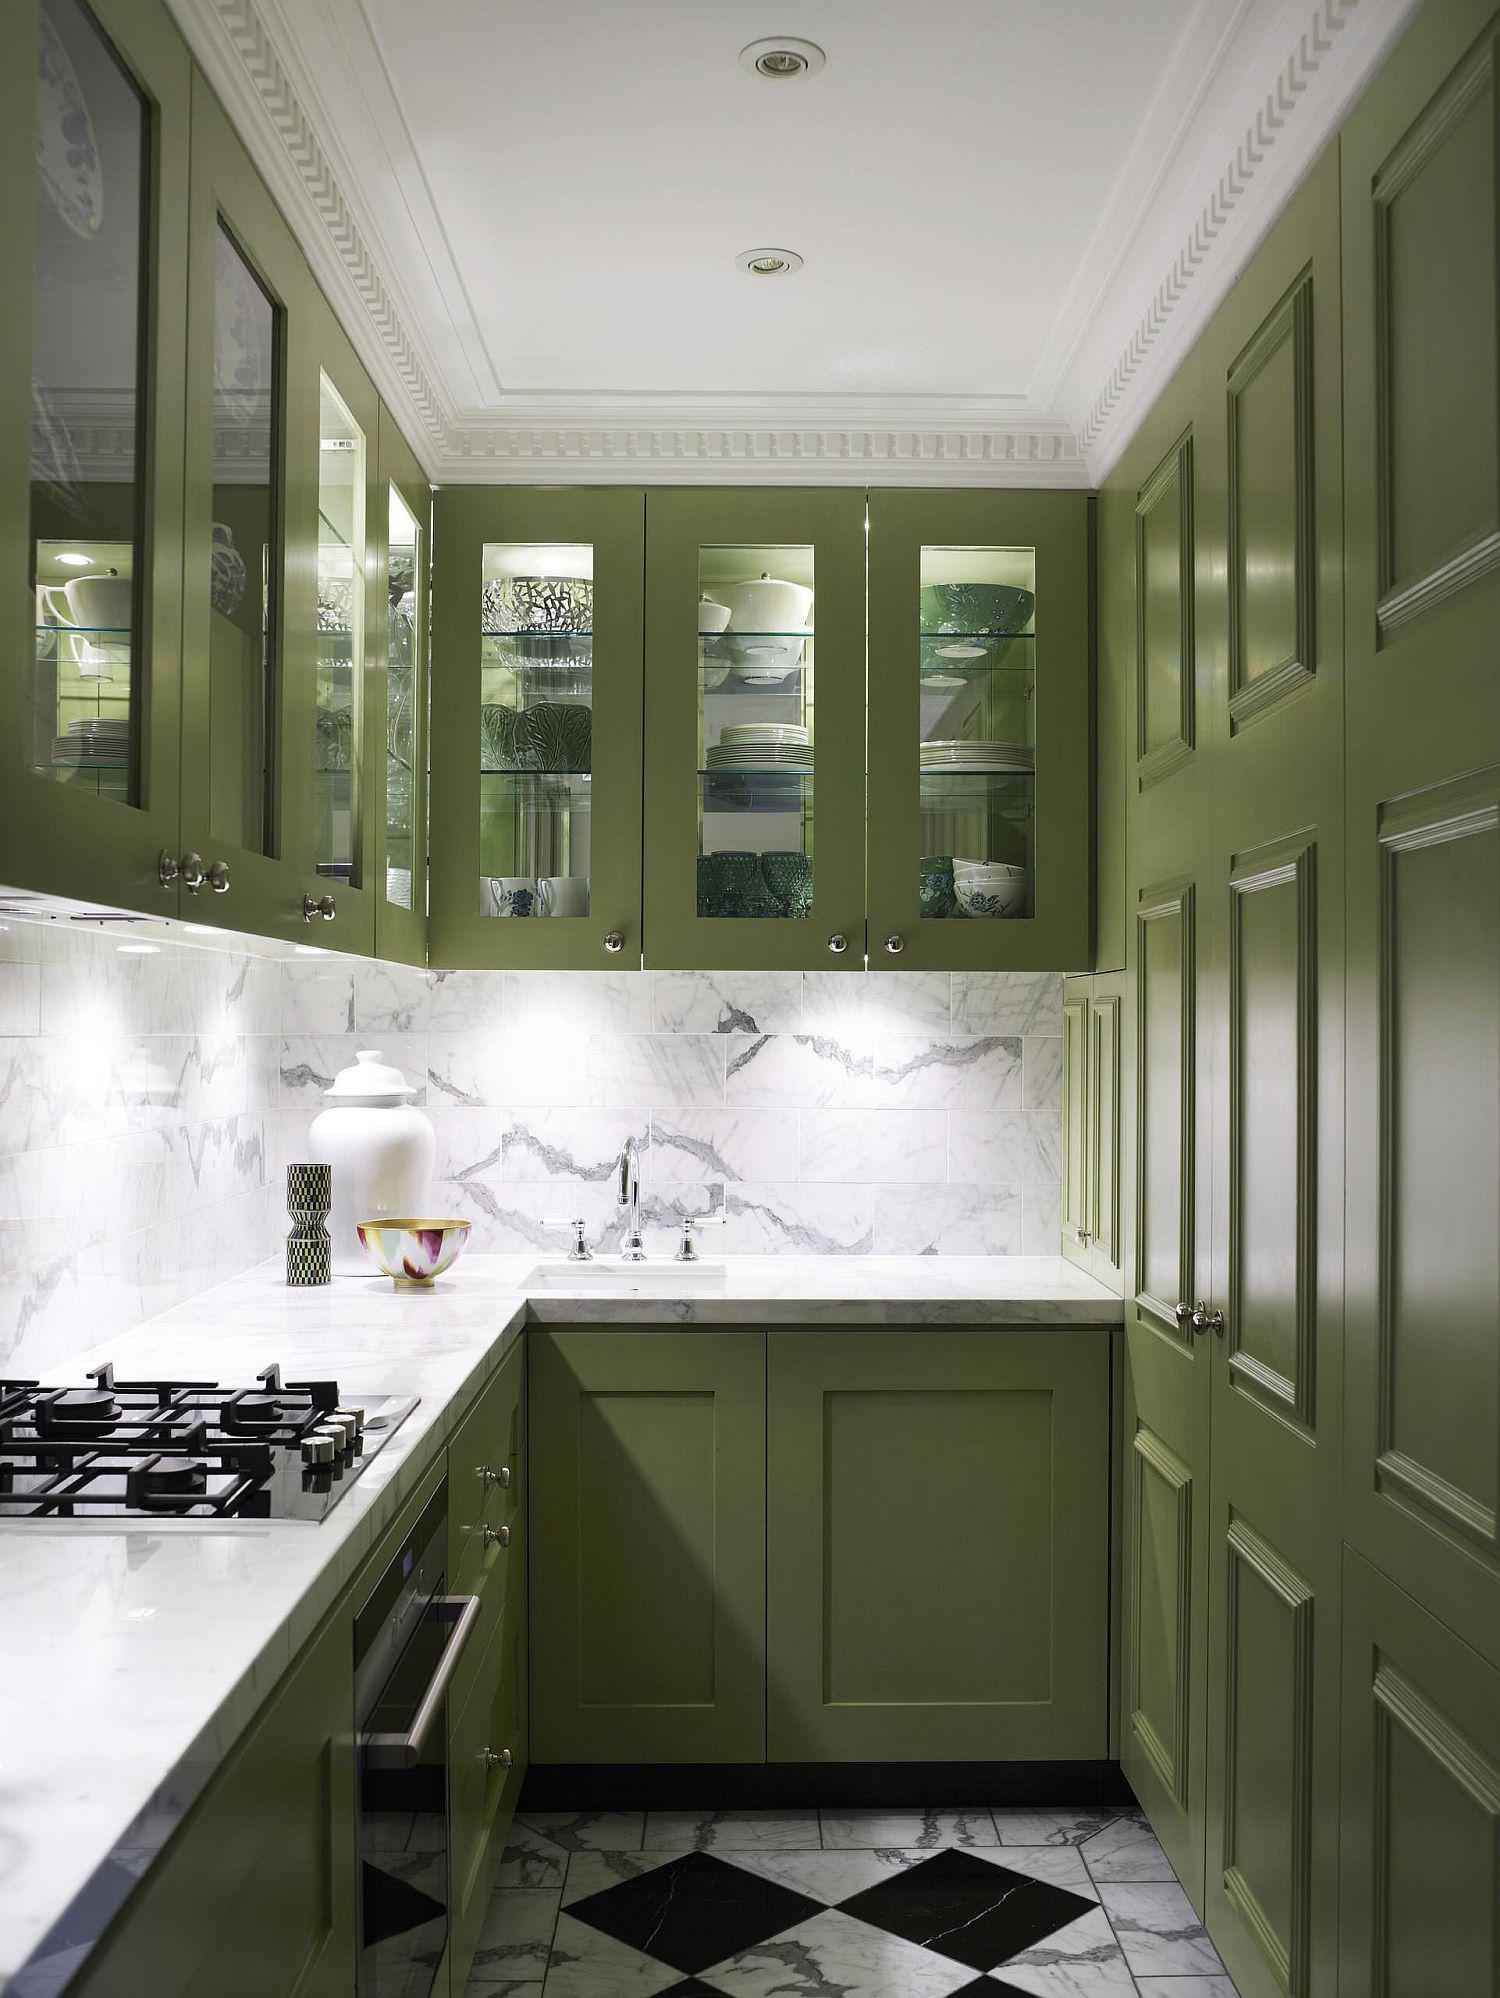 Những tông xanh tối màu tuyệt đẹp cho căn bếp hiện đại: sạch, nổi bật và sang trọng khi kết hợp khéo léo với tông trắng và ánh sáng đèn trang trí - Ảnh 8.